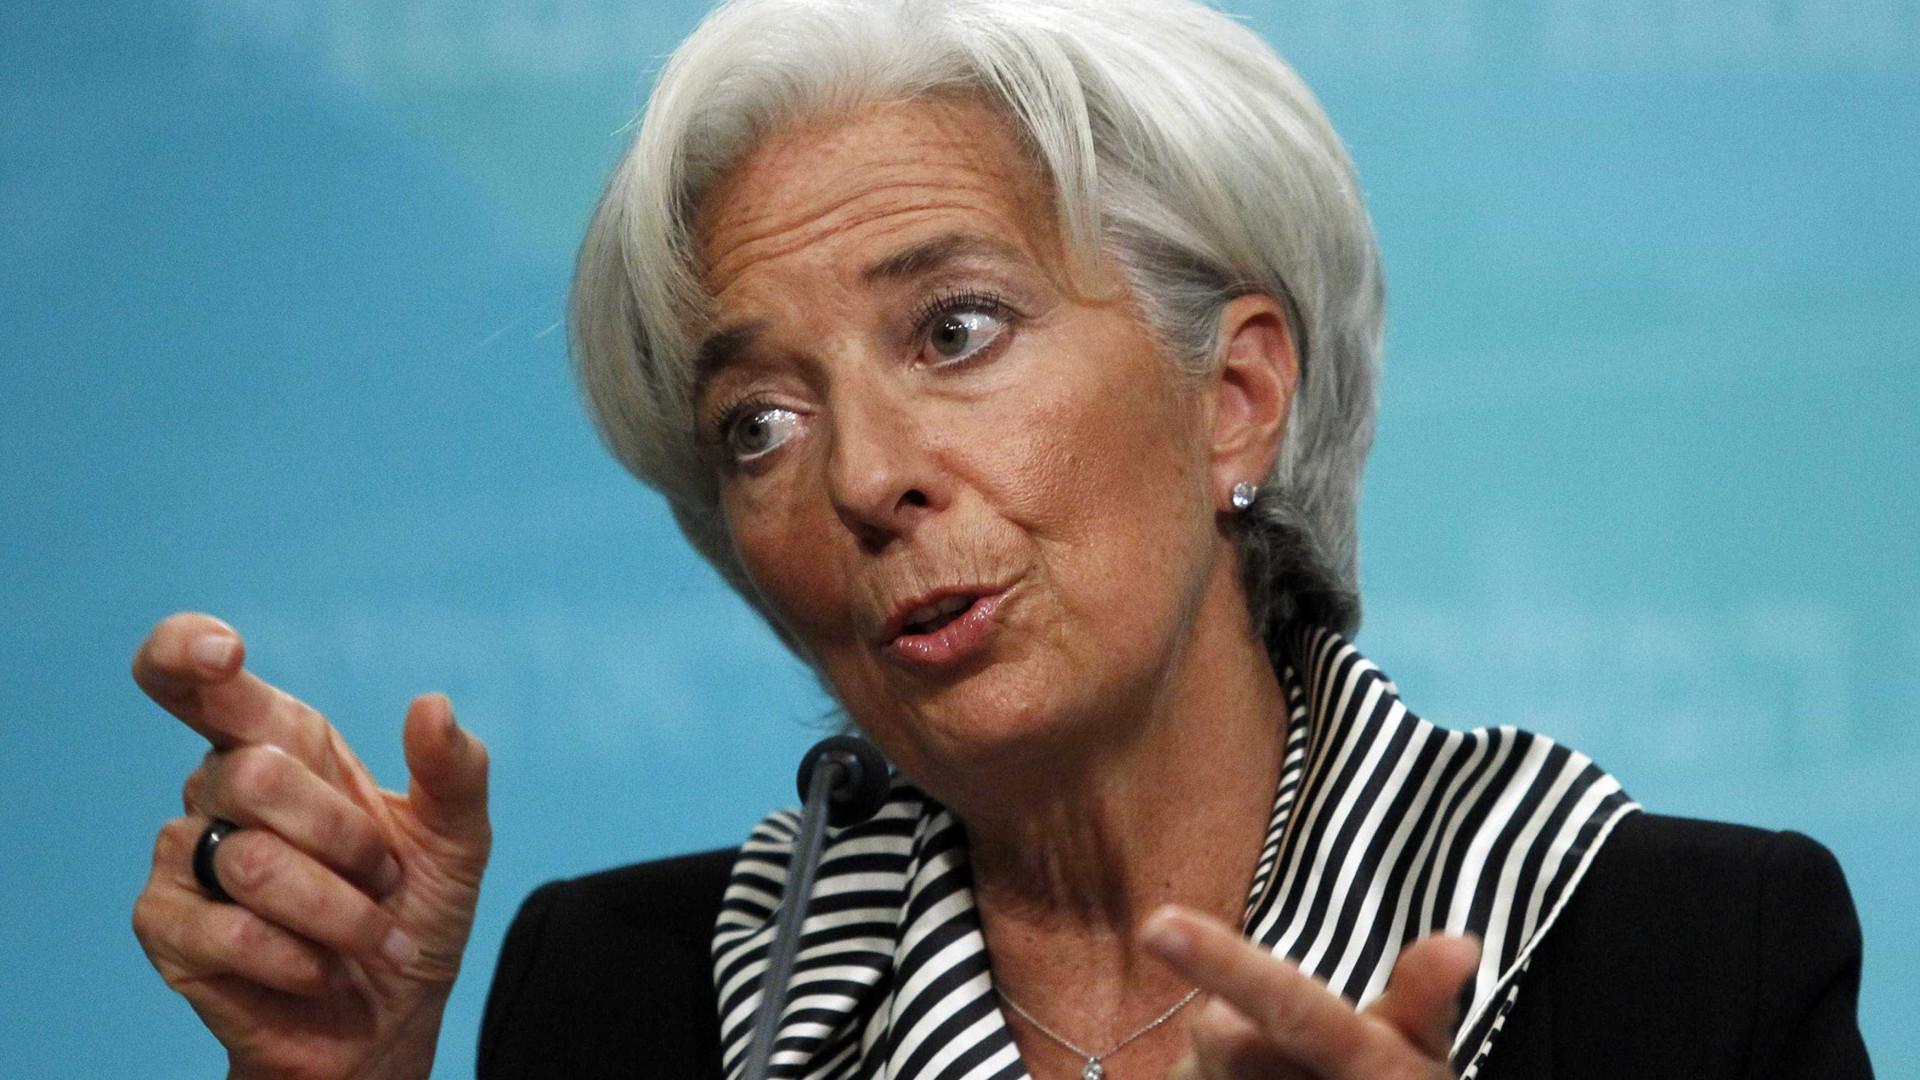 FMI aponta recuperação no crescimento do comércio global em 2017